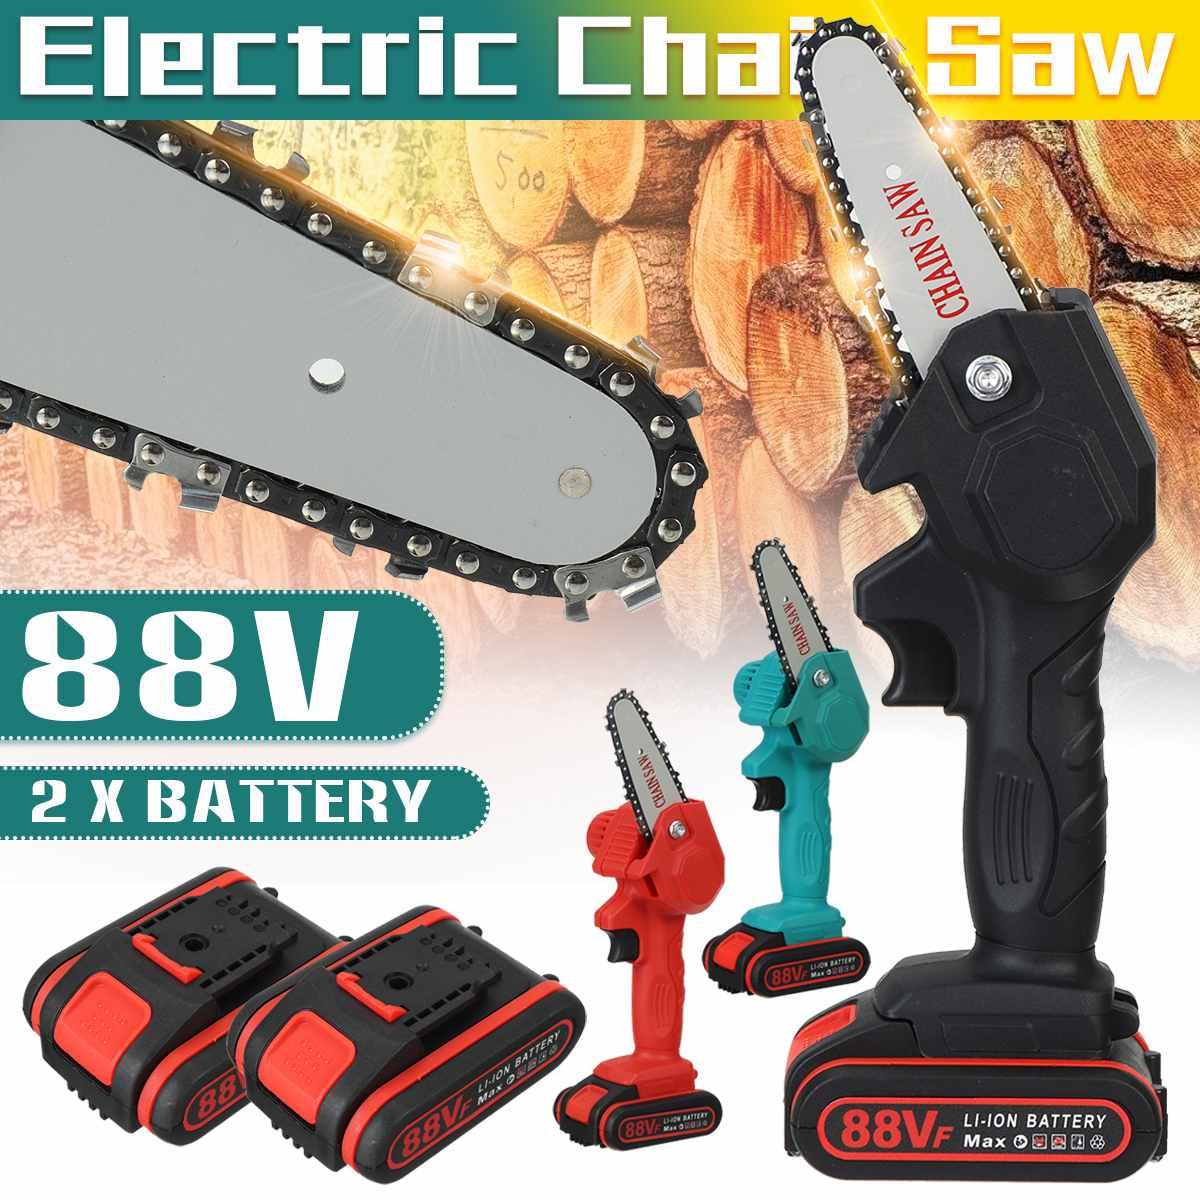 Mini scie à chaîne électrique 1080W 4 pouces 88V avec batterie 2pc pour le travail du bois et l'élagage, outil de jardin rechargeable, prise EU